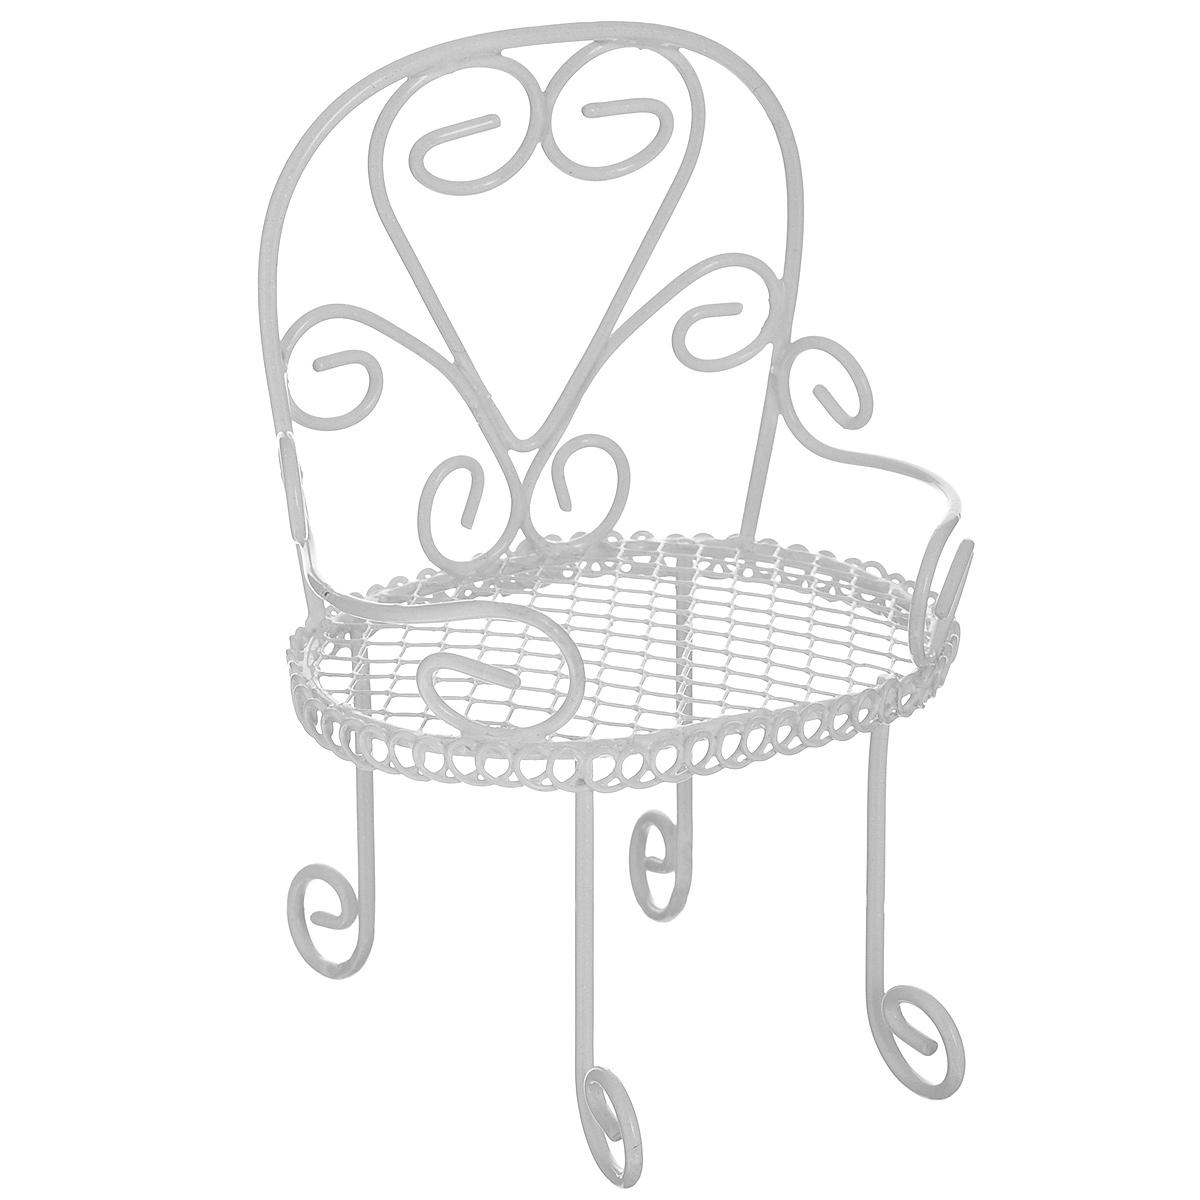 Миниатюра кукольная ScrapBerrys Стул, цвет: белый. SCB271030SCB271030Миниатюра кукольная ScrapBerrys изготовлена из металла в виде стульчика. Такая миниатюра прекрасно подойдет для декорирования кукольных домиков, а также для оформления работ в самых различных техниках.